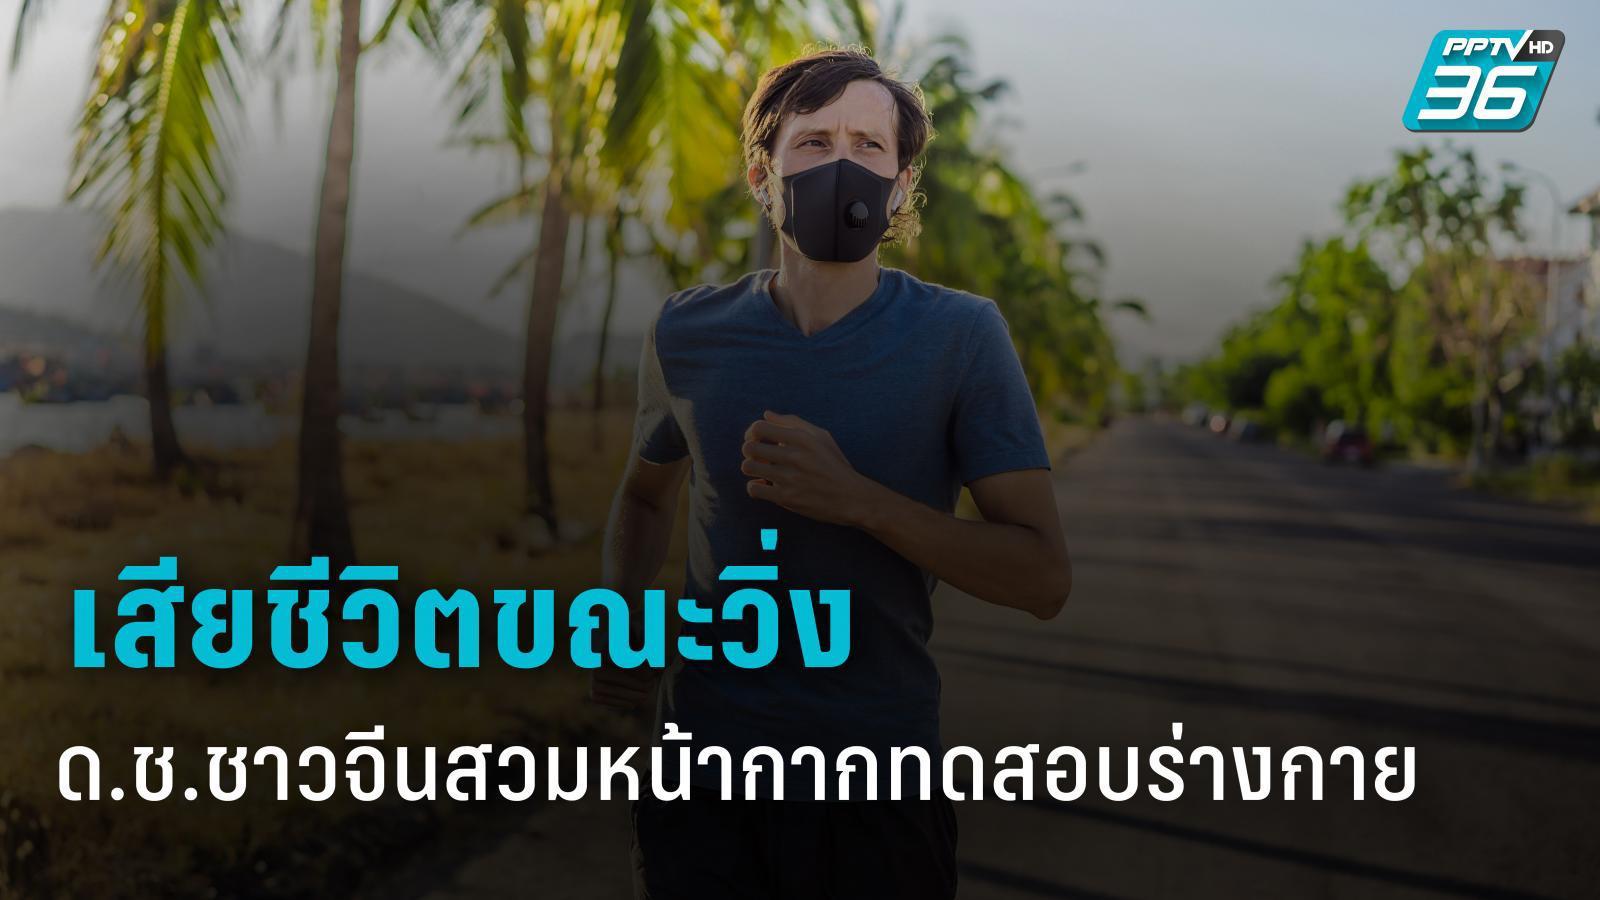 เด็กชายชาวจีน 2 คน เสียชีวิตขณะวิ่งพร้อมกับสวมหน้ากากอนามัยป้องกัน โควิด-19